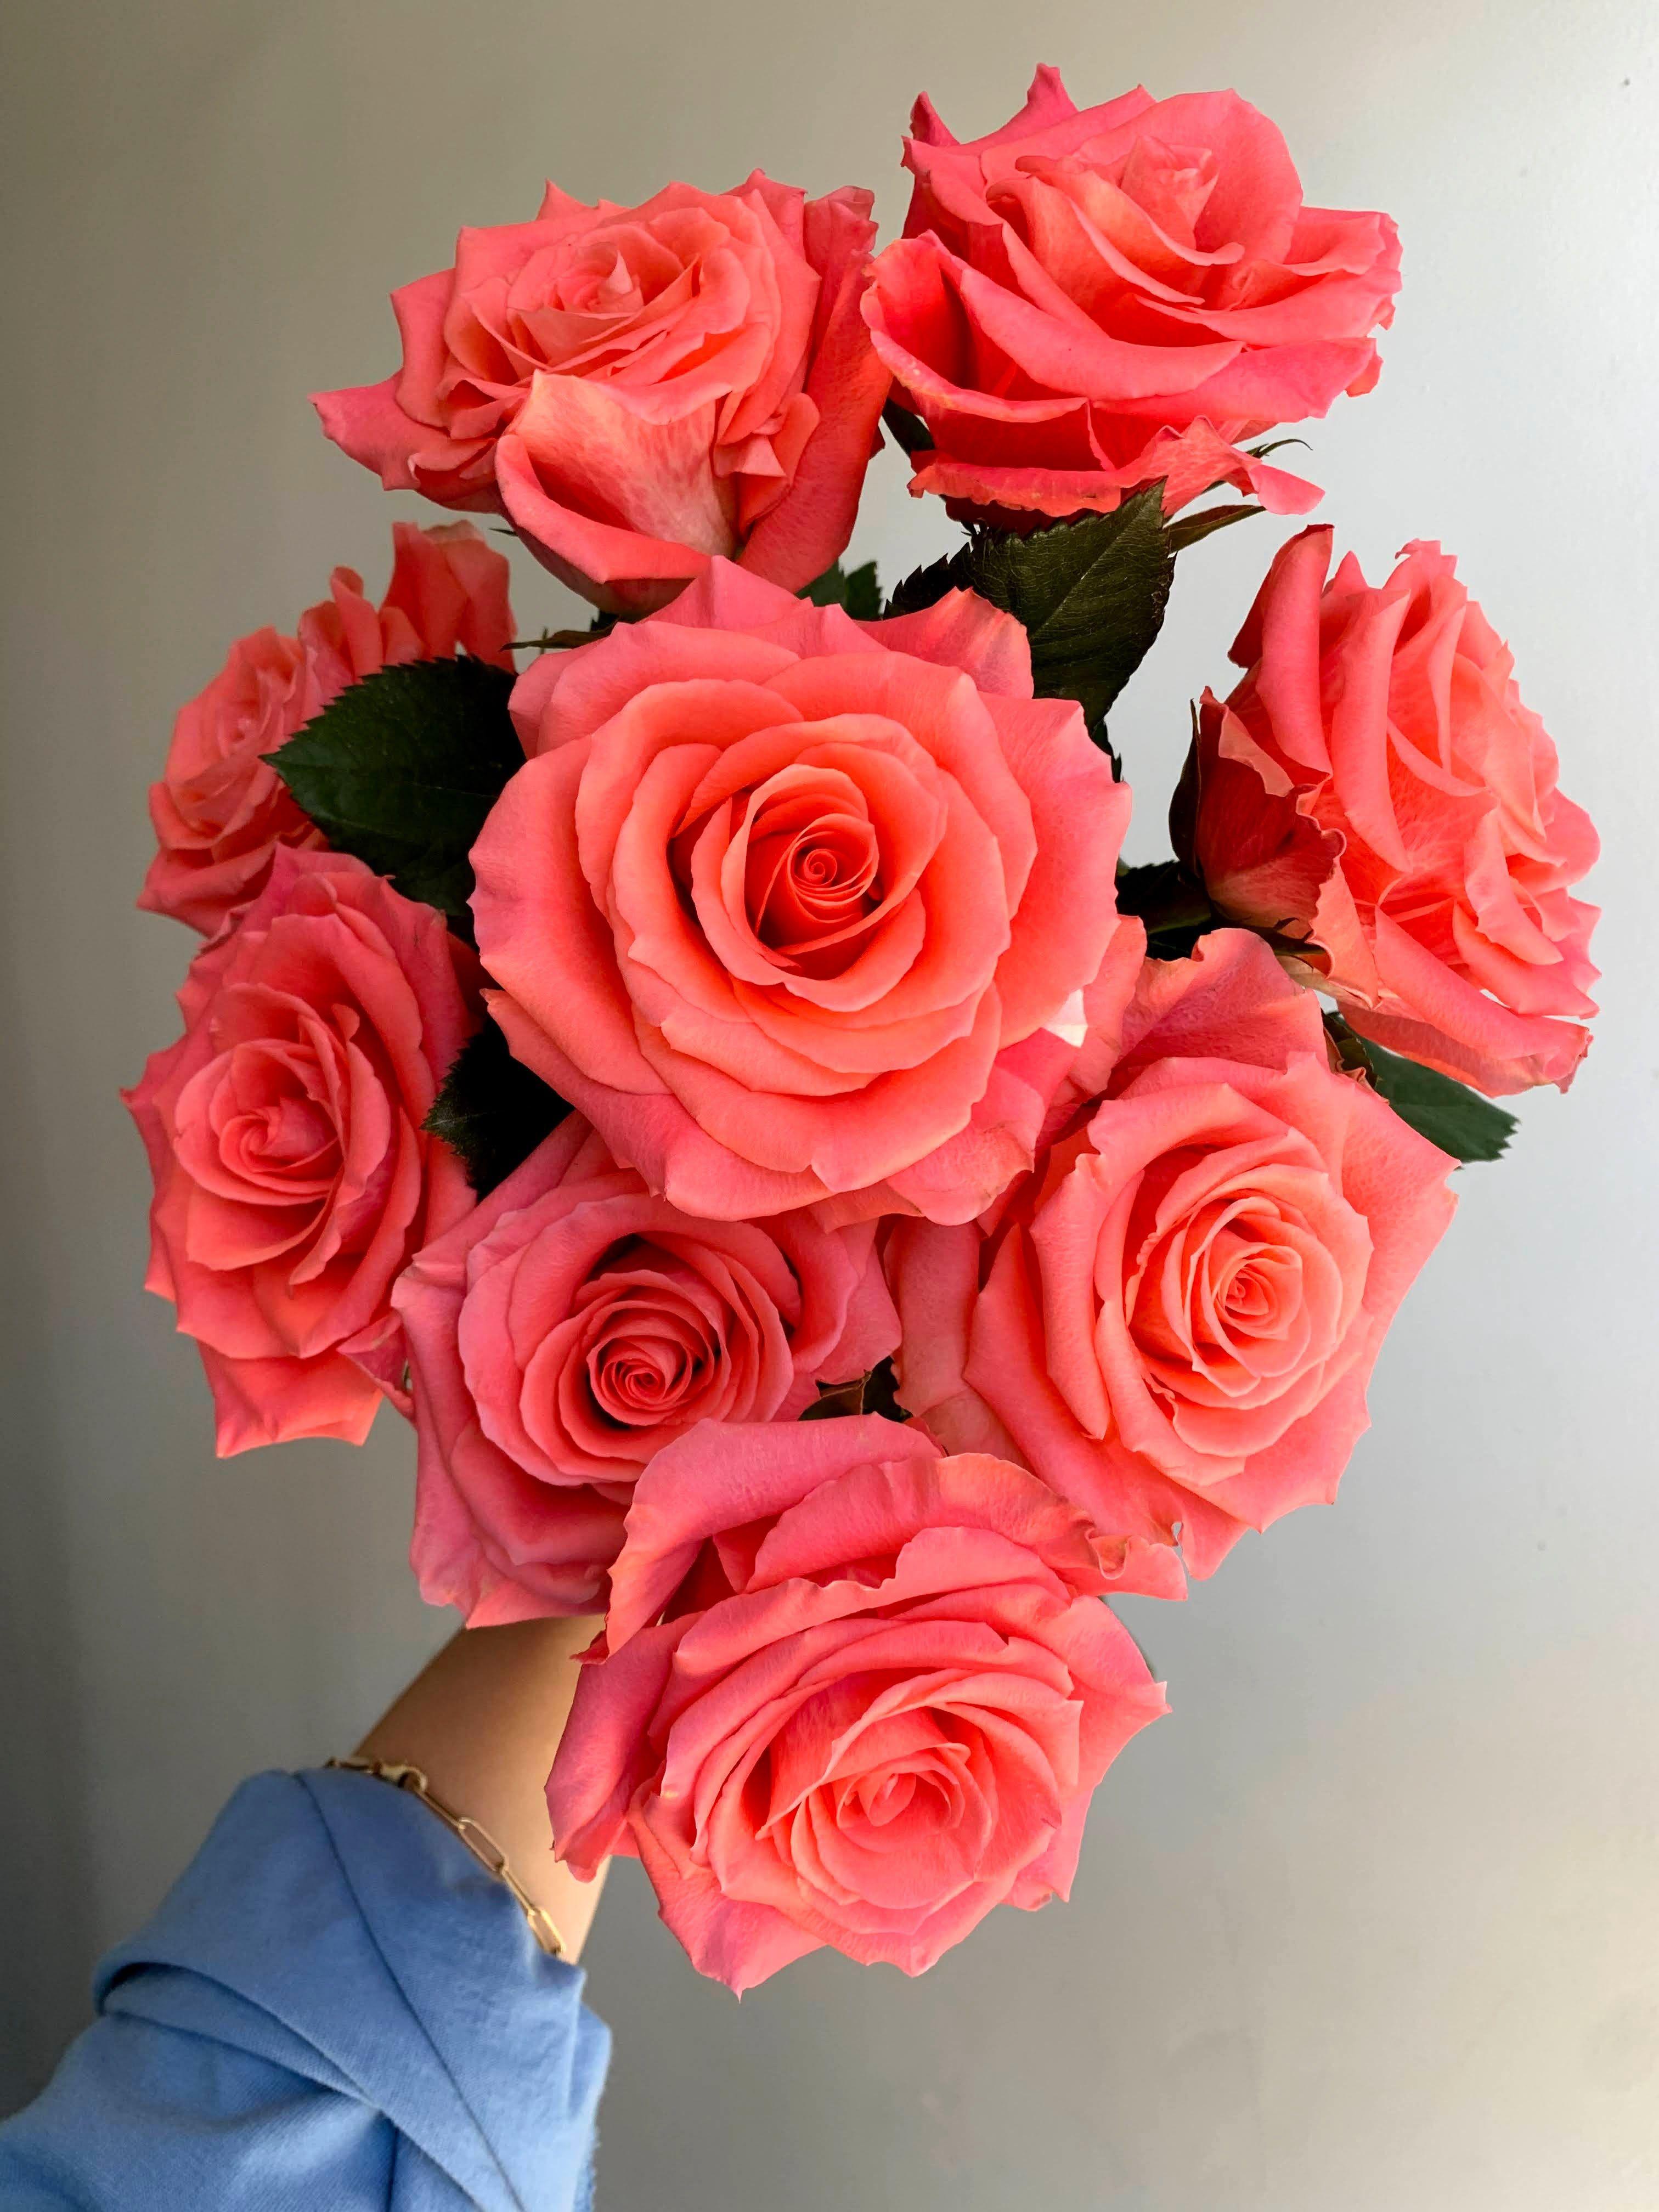 Amsterdam Roses In 2021 Coral Flowers Pretty Flowers Rose Varieties